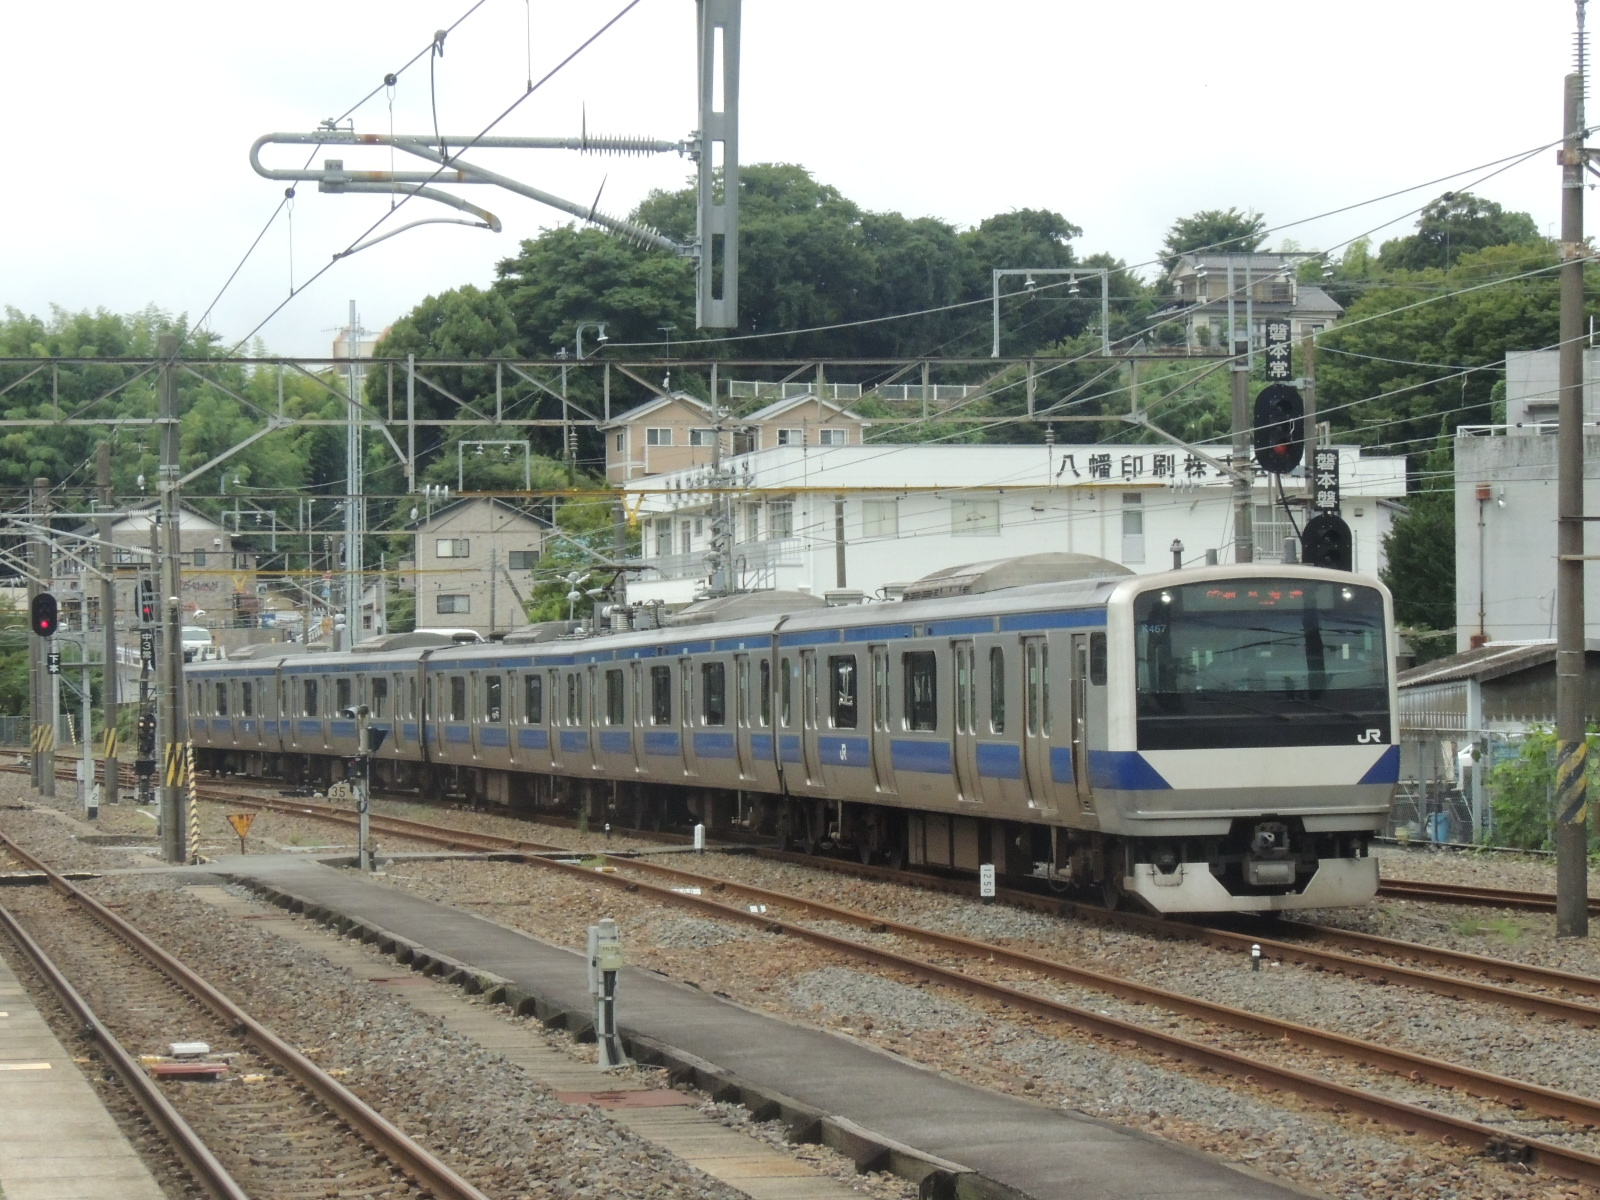 DSCN3503.jpg